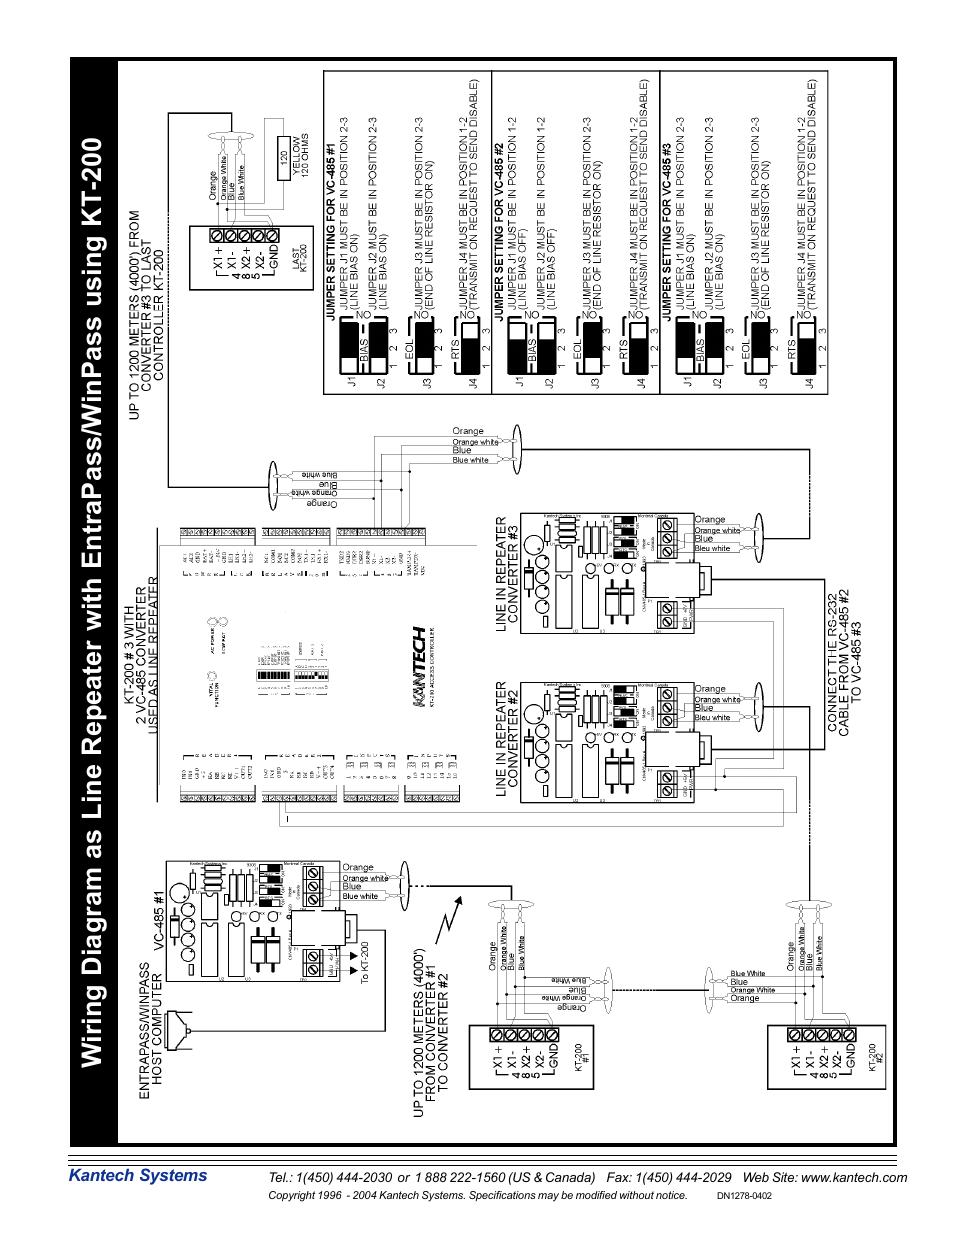 kantech wiring diagram